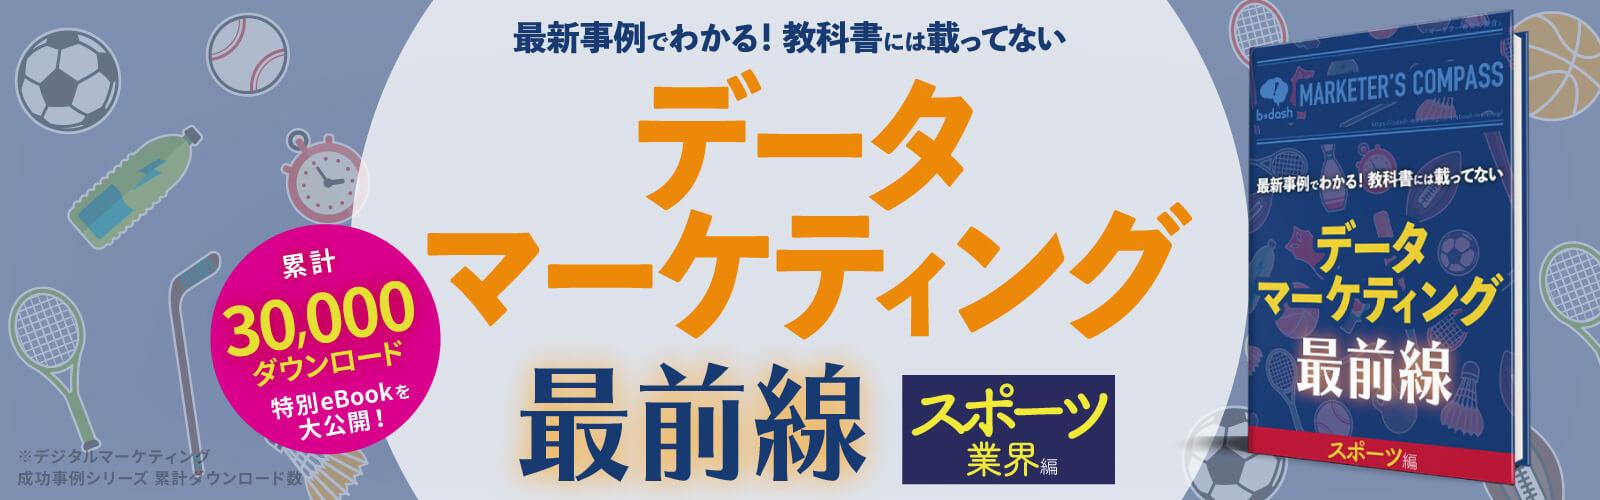 データマーケティング最前線 スポーツ編